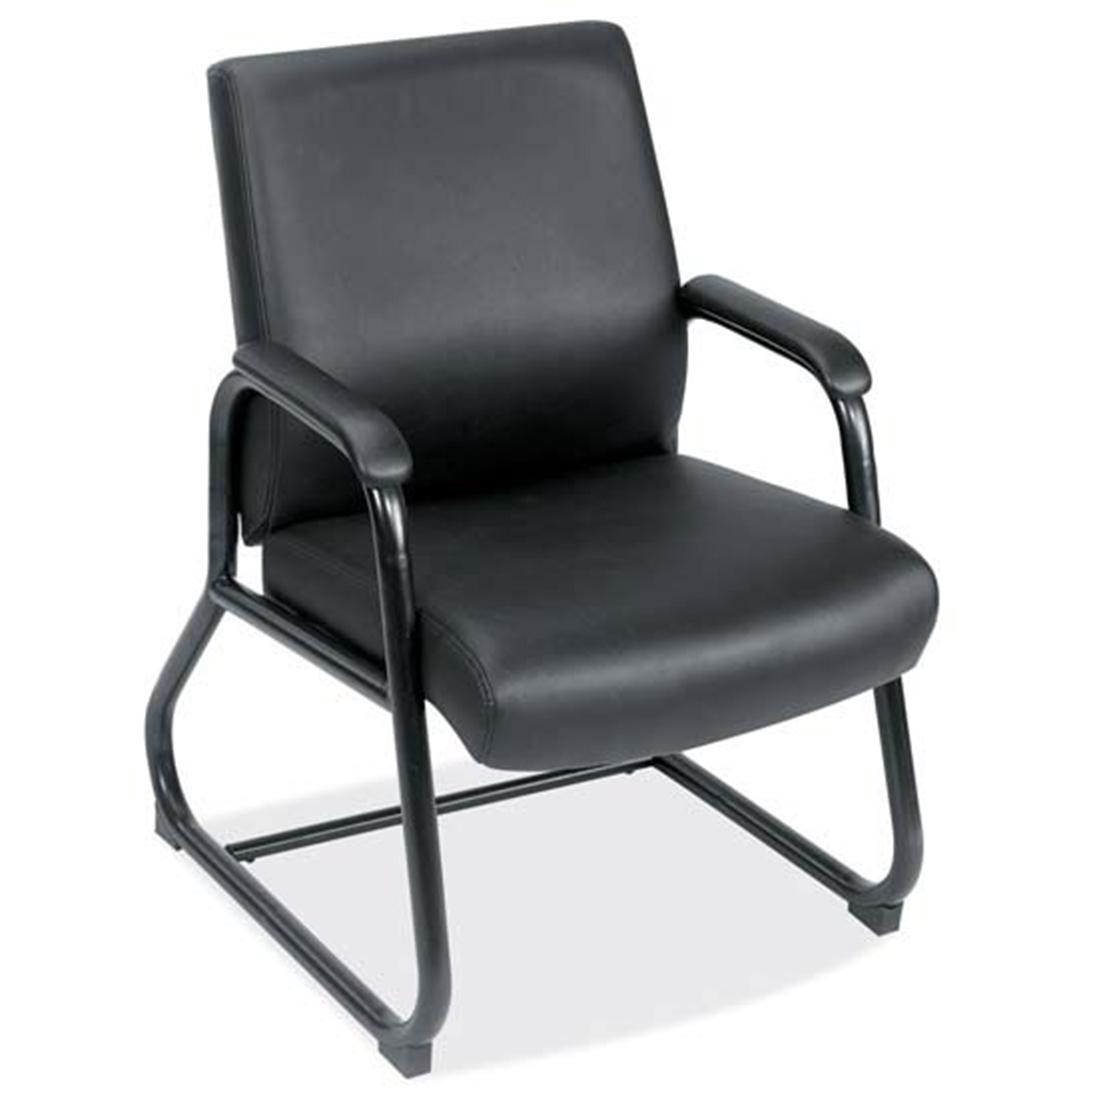 Bacchus Patient Chair